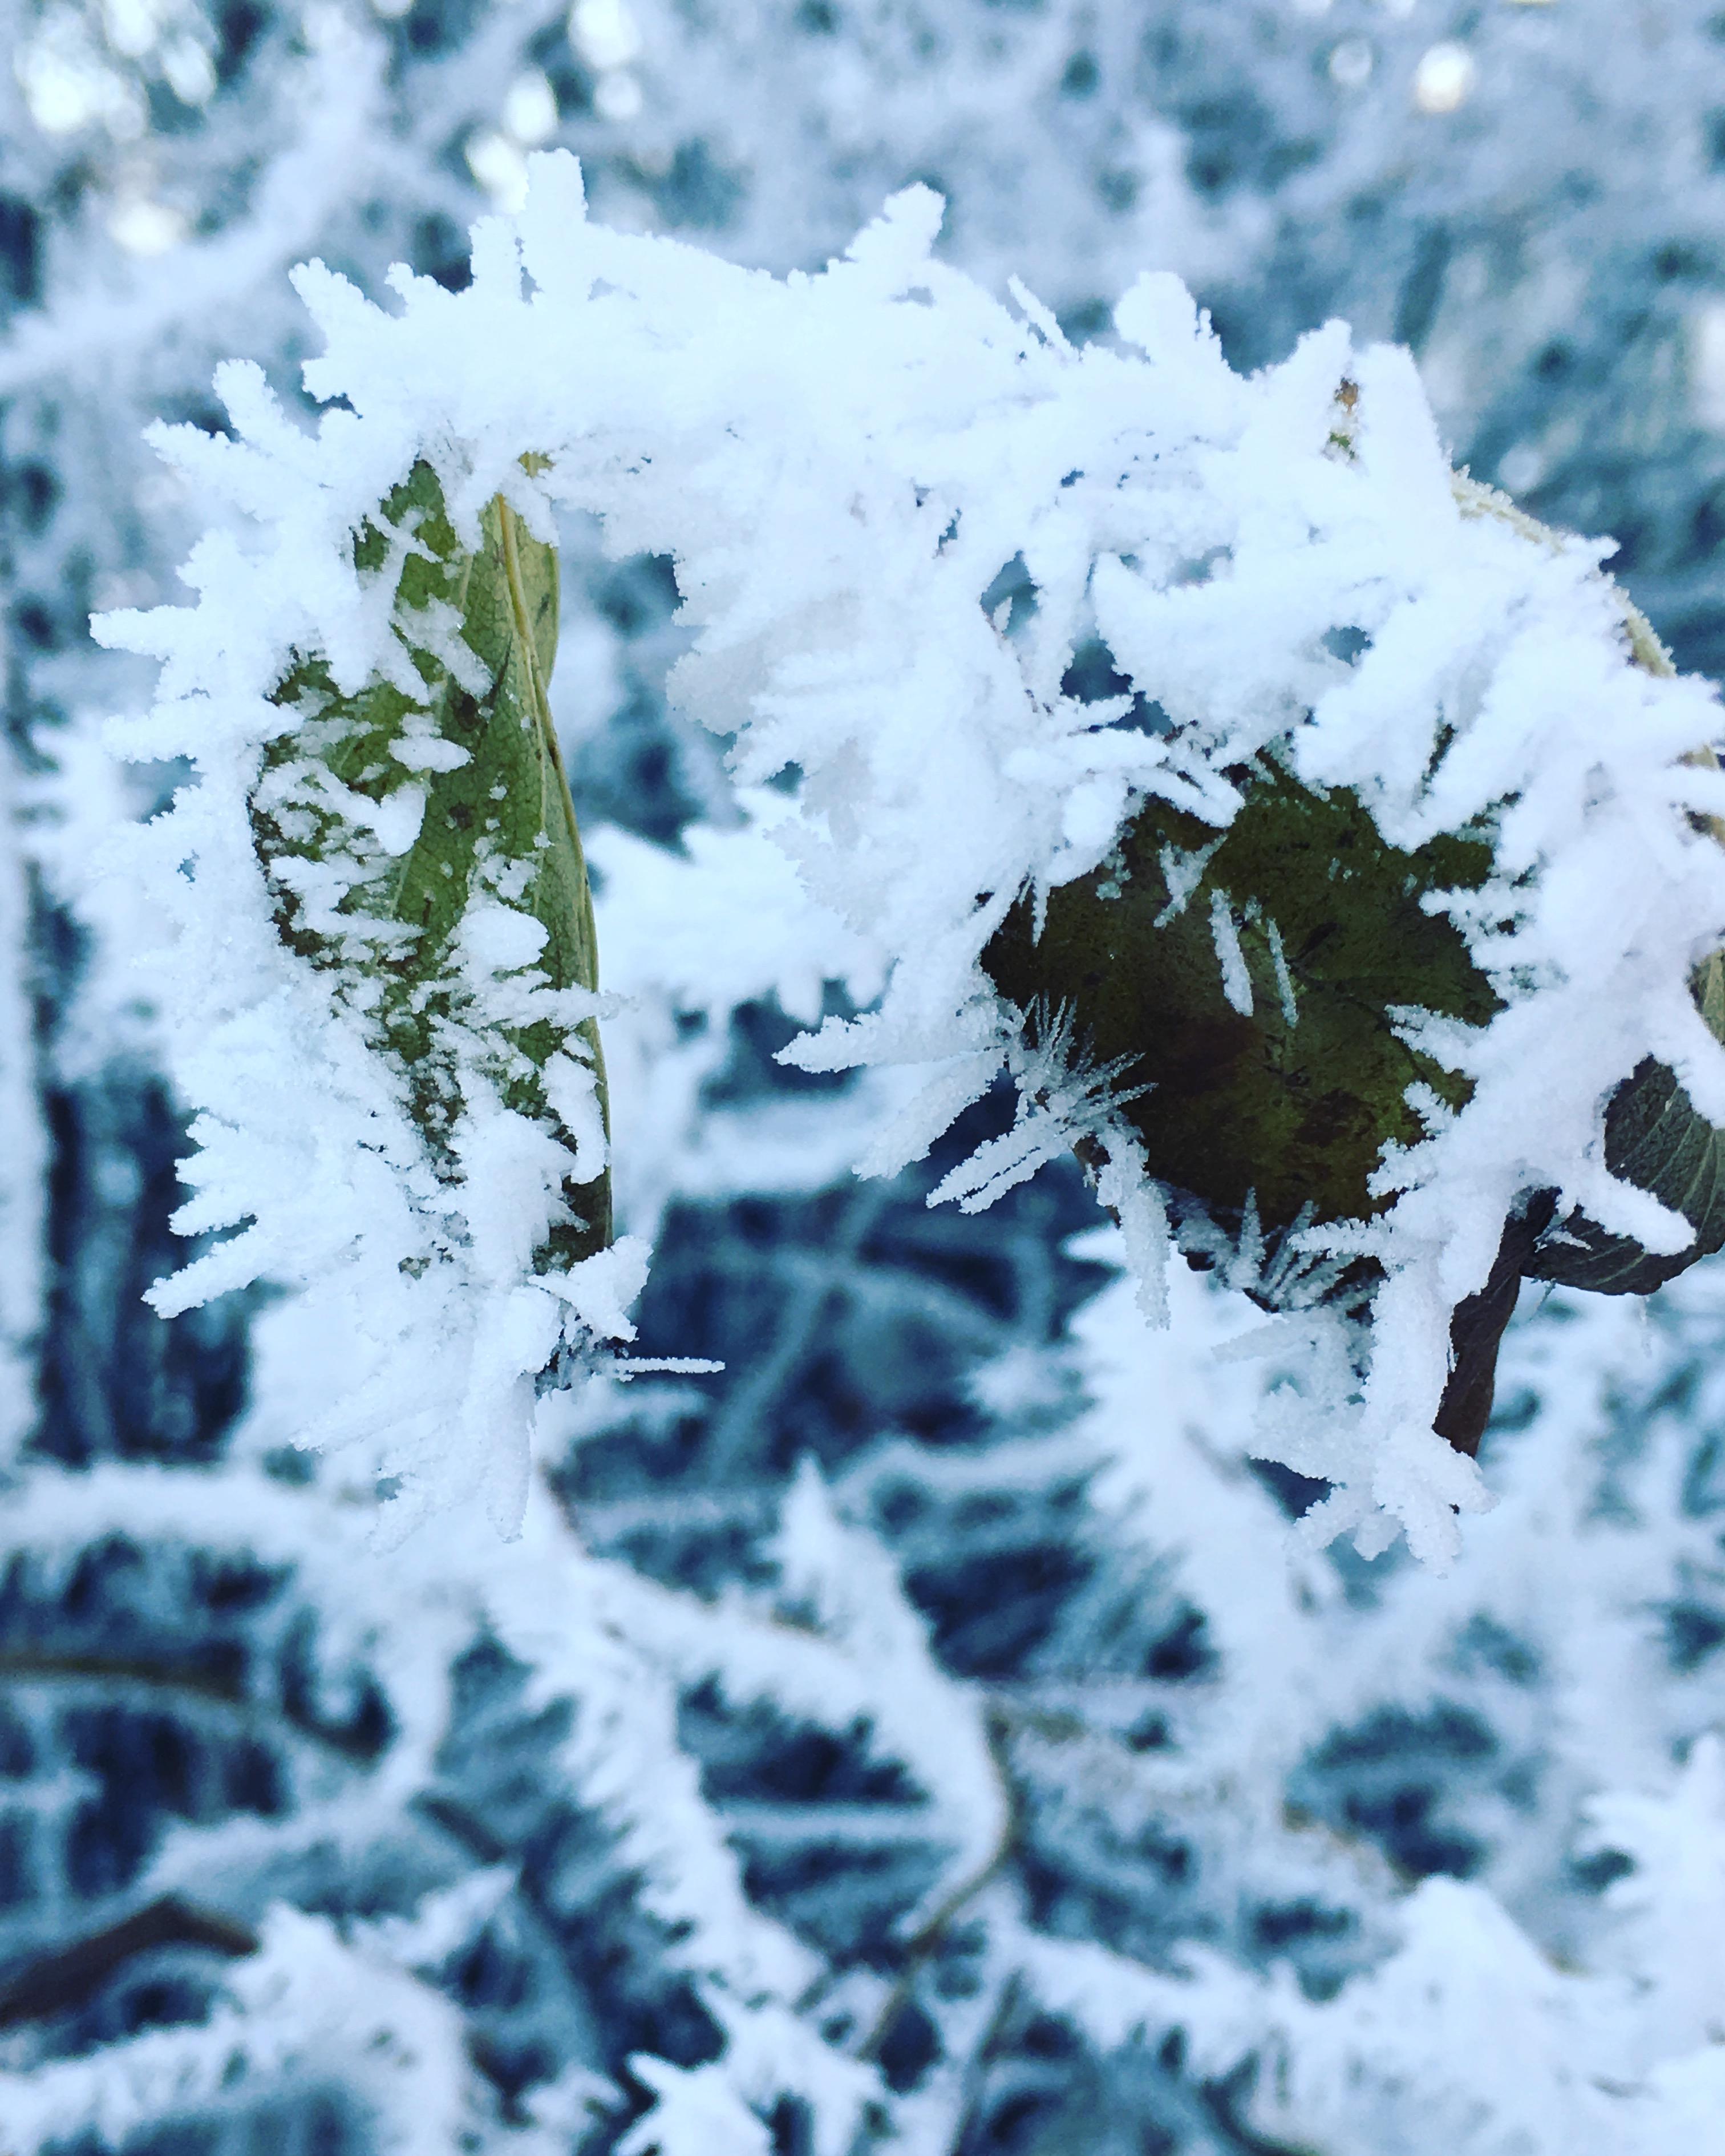 Ювелирная работа ноября ;). Блиц 'Первый снег'